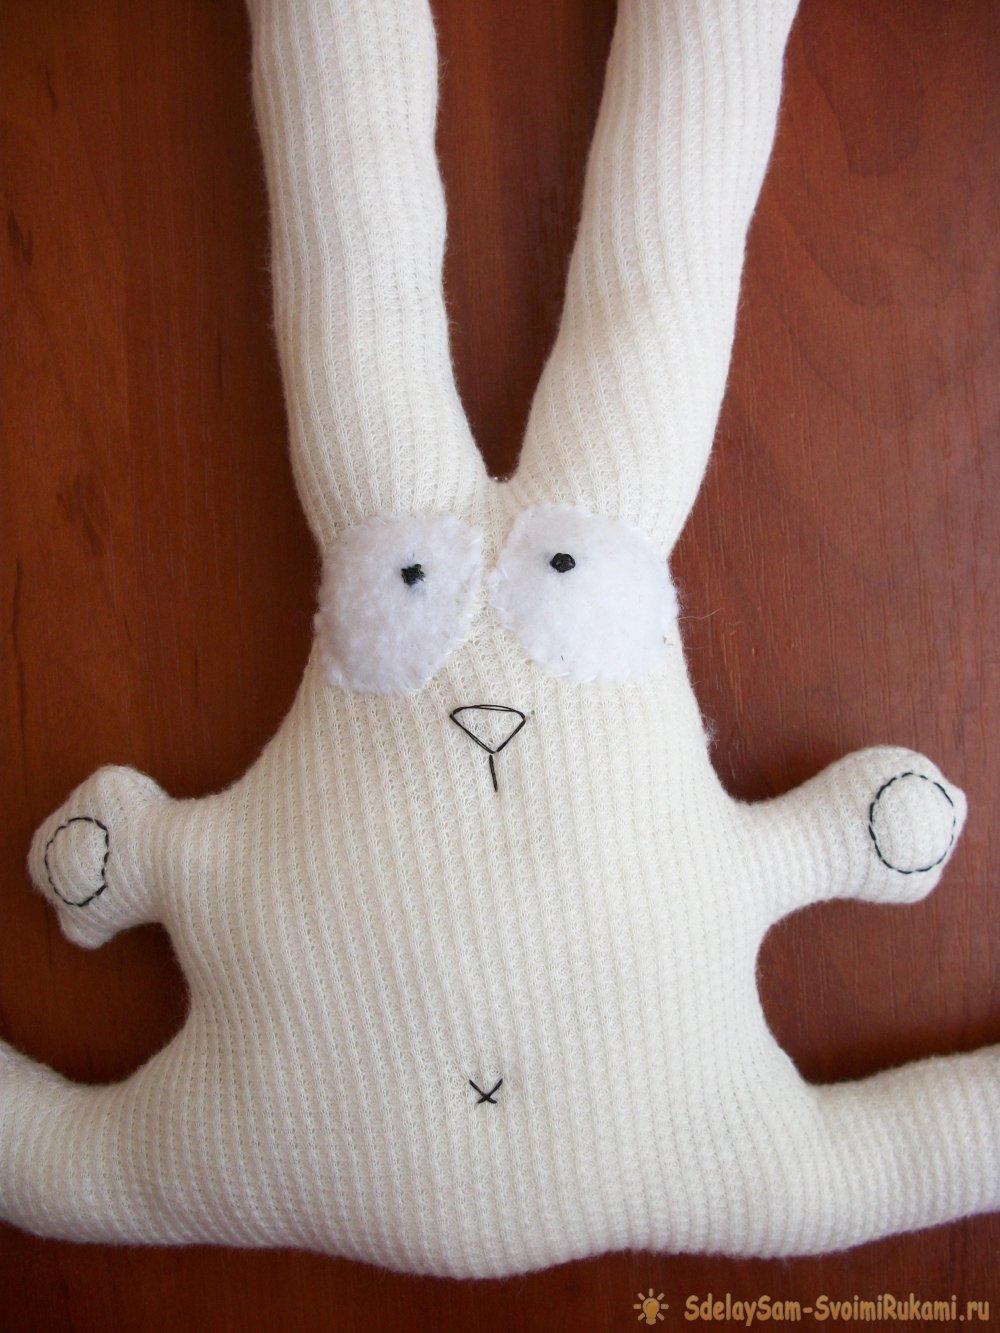 Как сделать зайку своими руками в домашних условиях